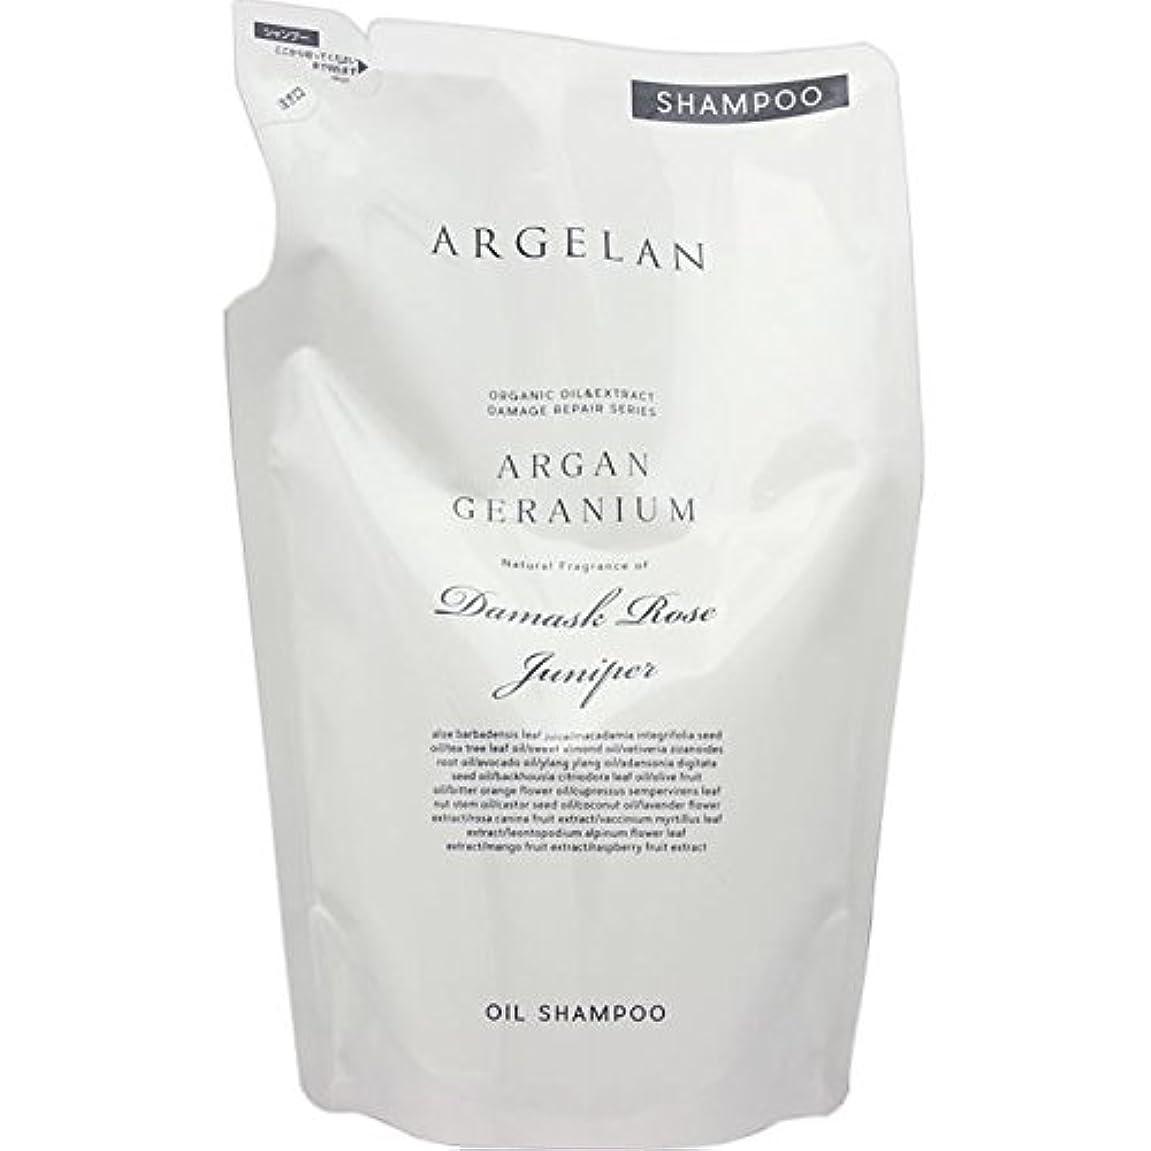 アルジェラン オーガニック 手搾りアルガン オイル シャンプー 詰替え用 400ml詰替